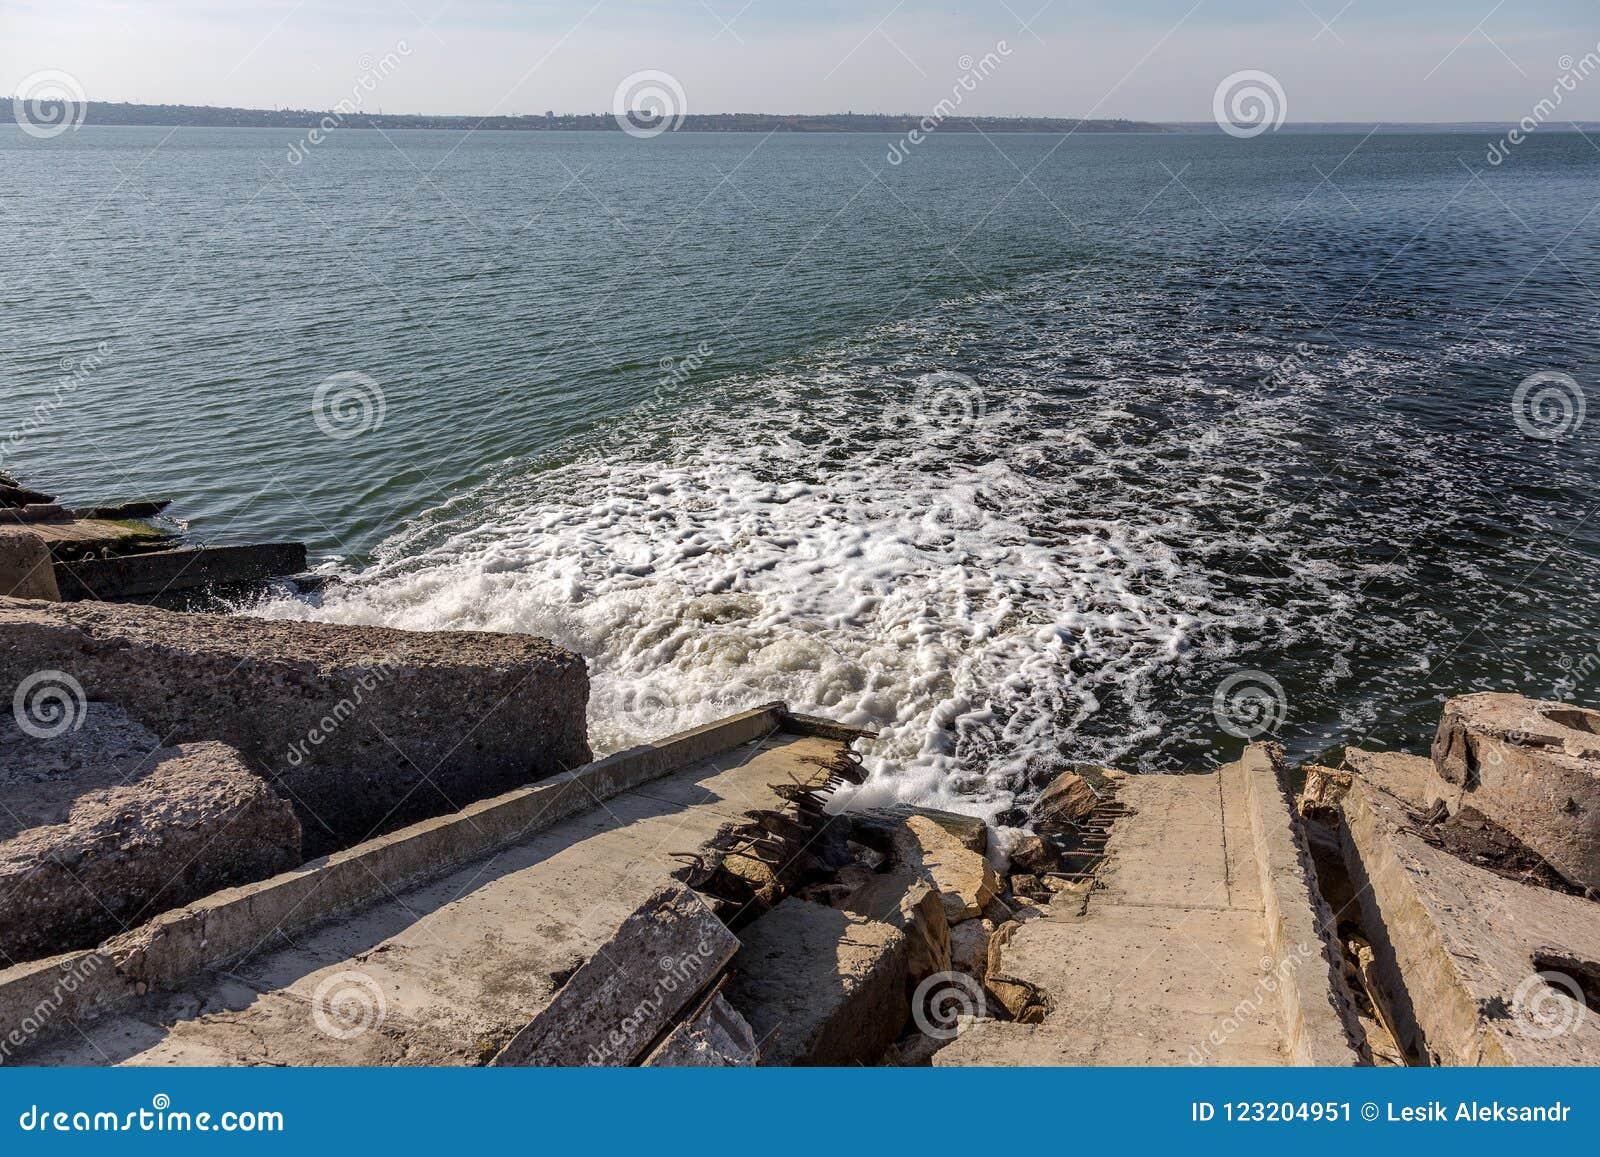 Schmutziges Abwasser vom städtischen Abwasserkanal verschmelzen öffentlich in